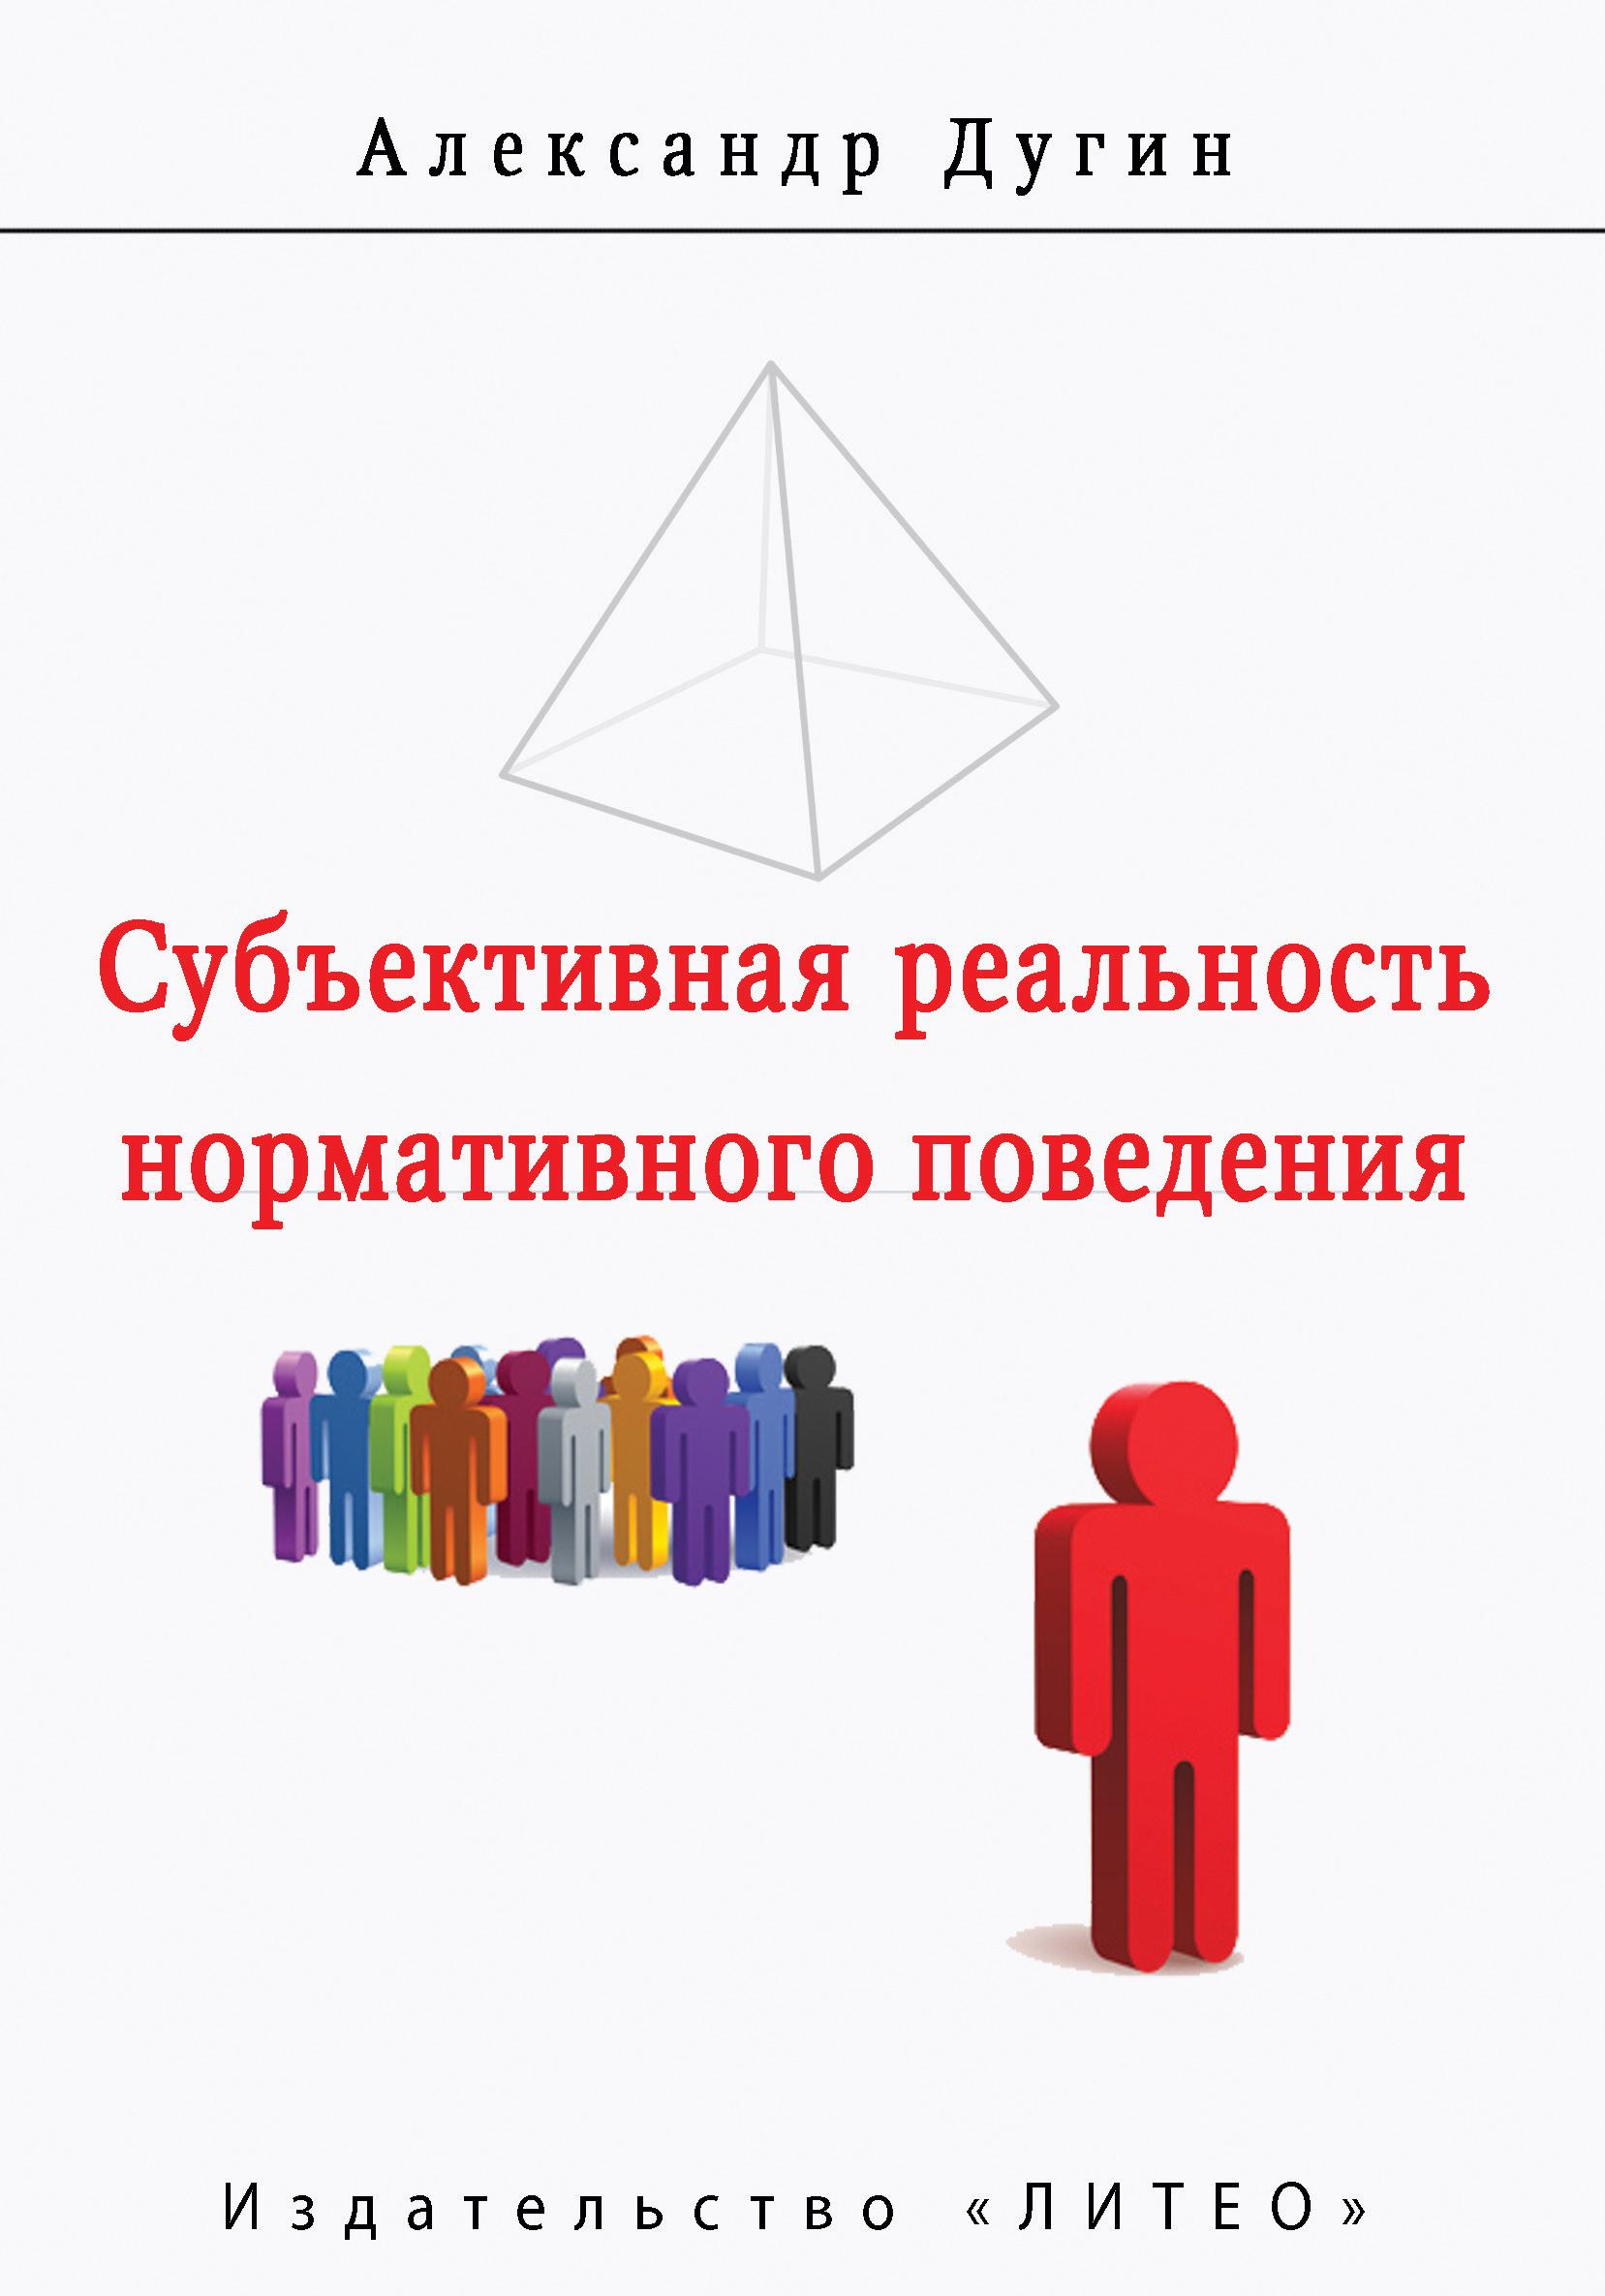 А. Дугин «Субъективная реальность нормативного поведения и речи»